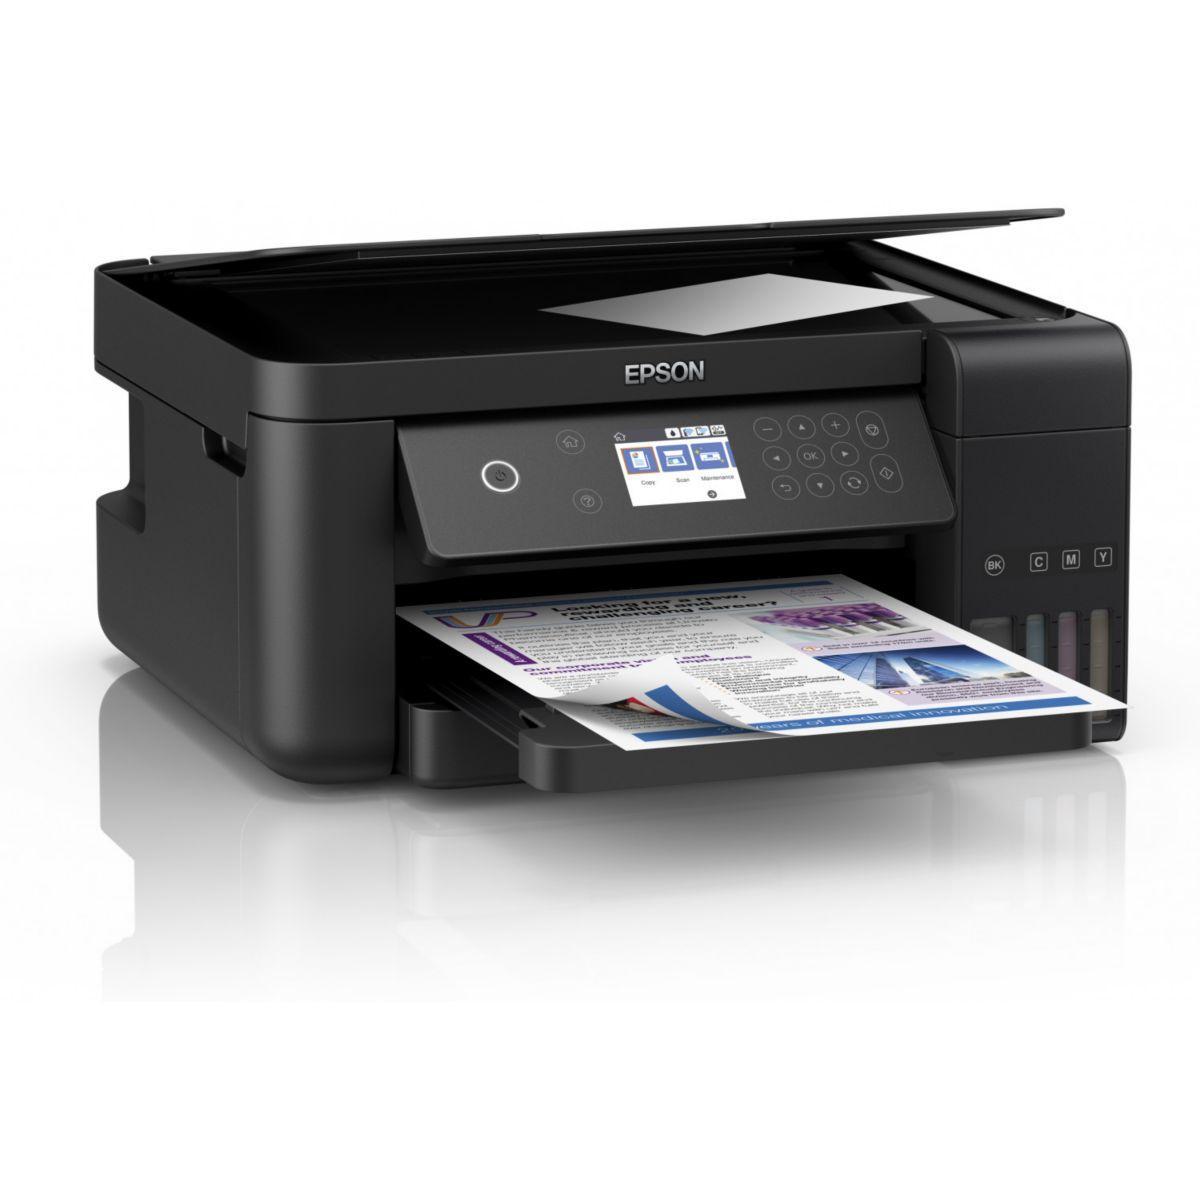 Imprimante jet d'encre epson ecotank et-3700 (photo)